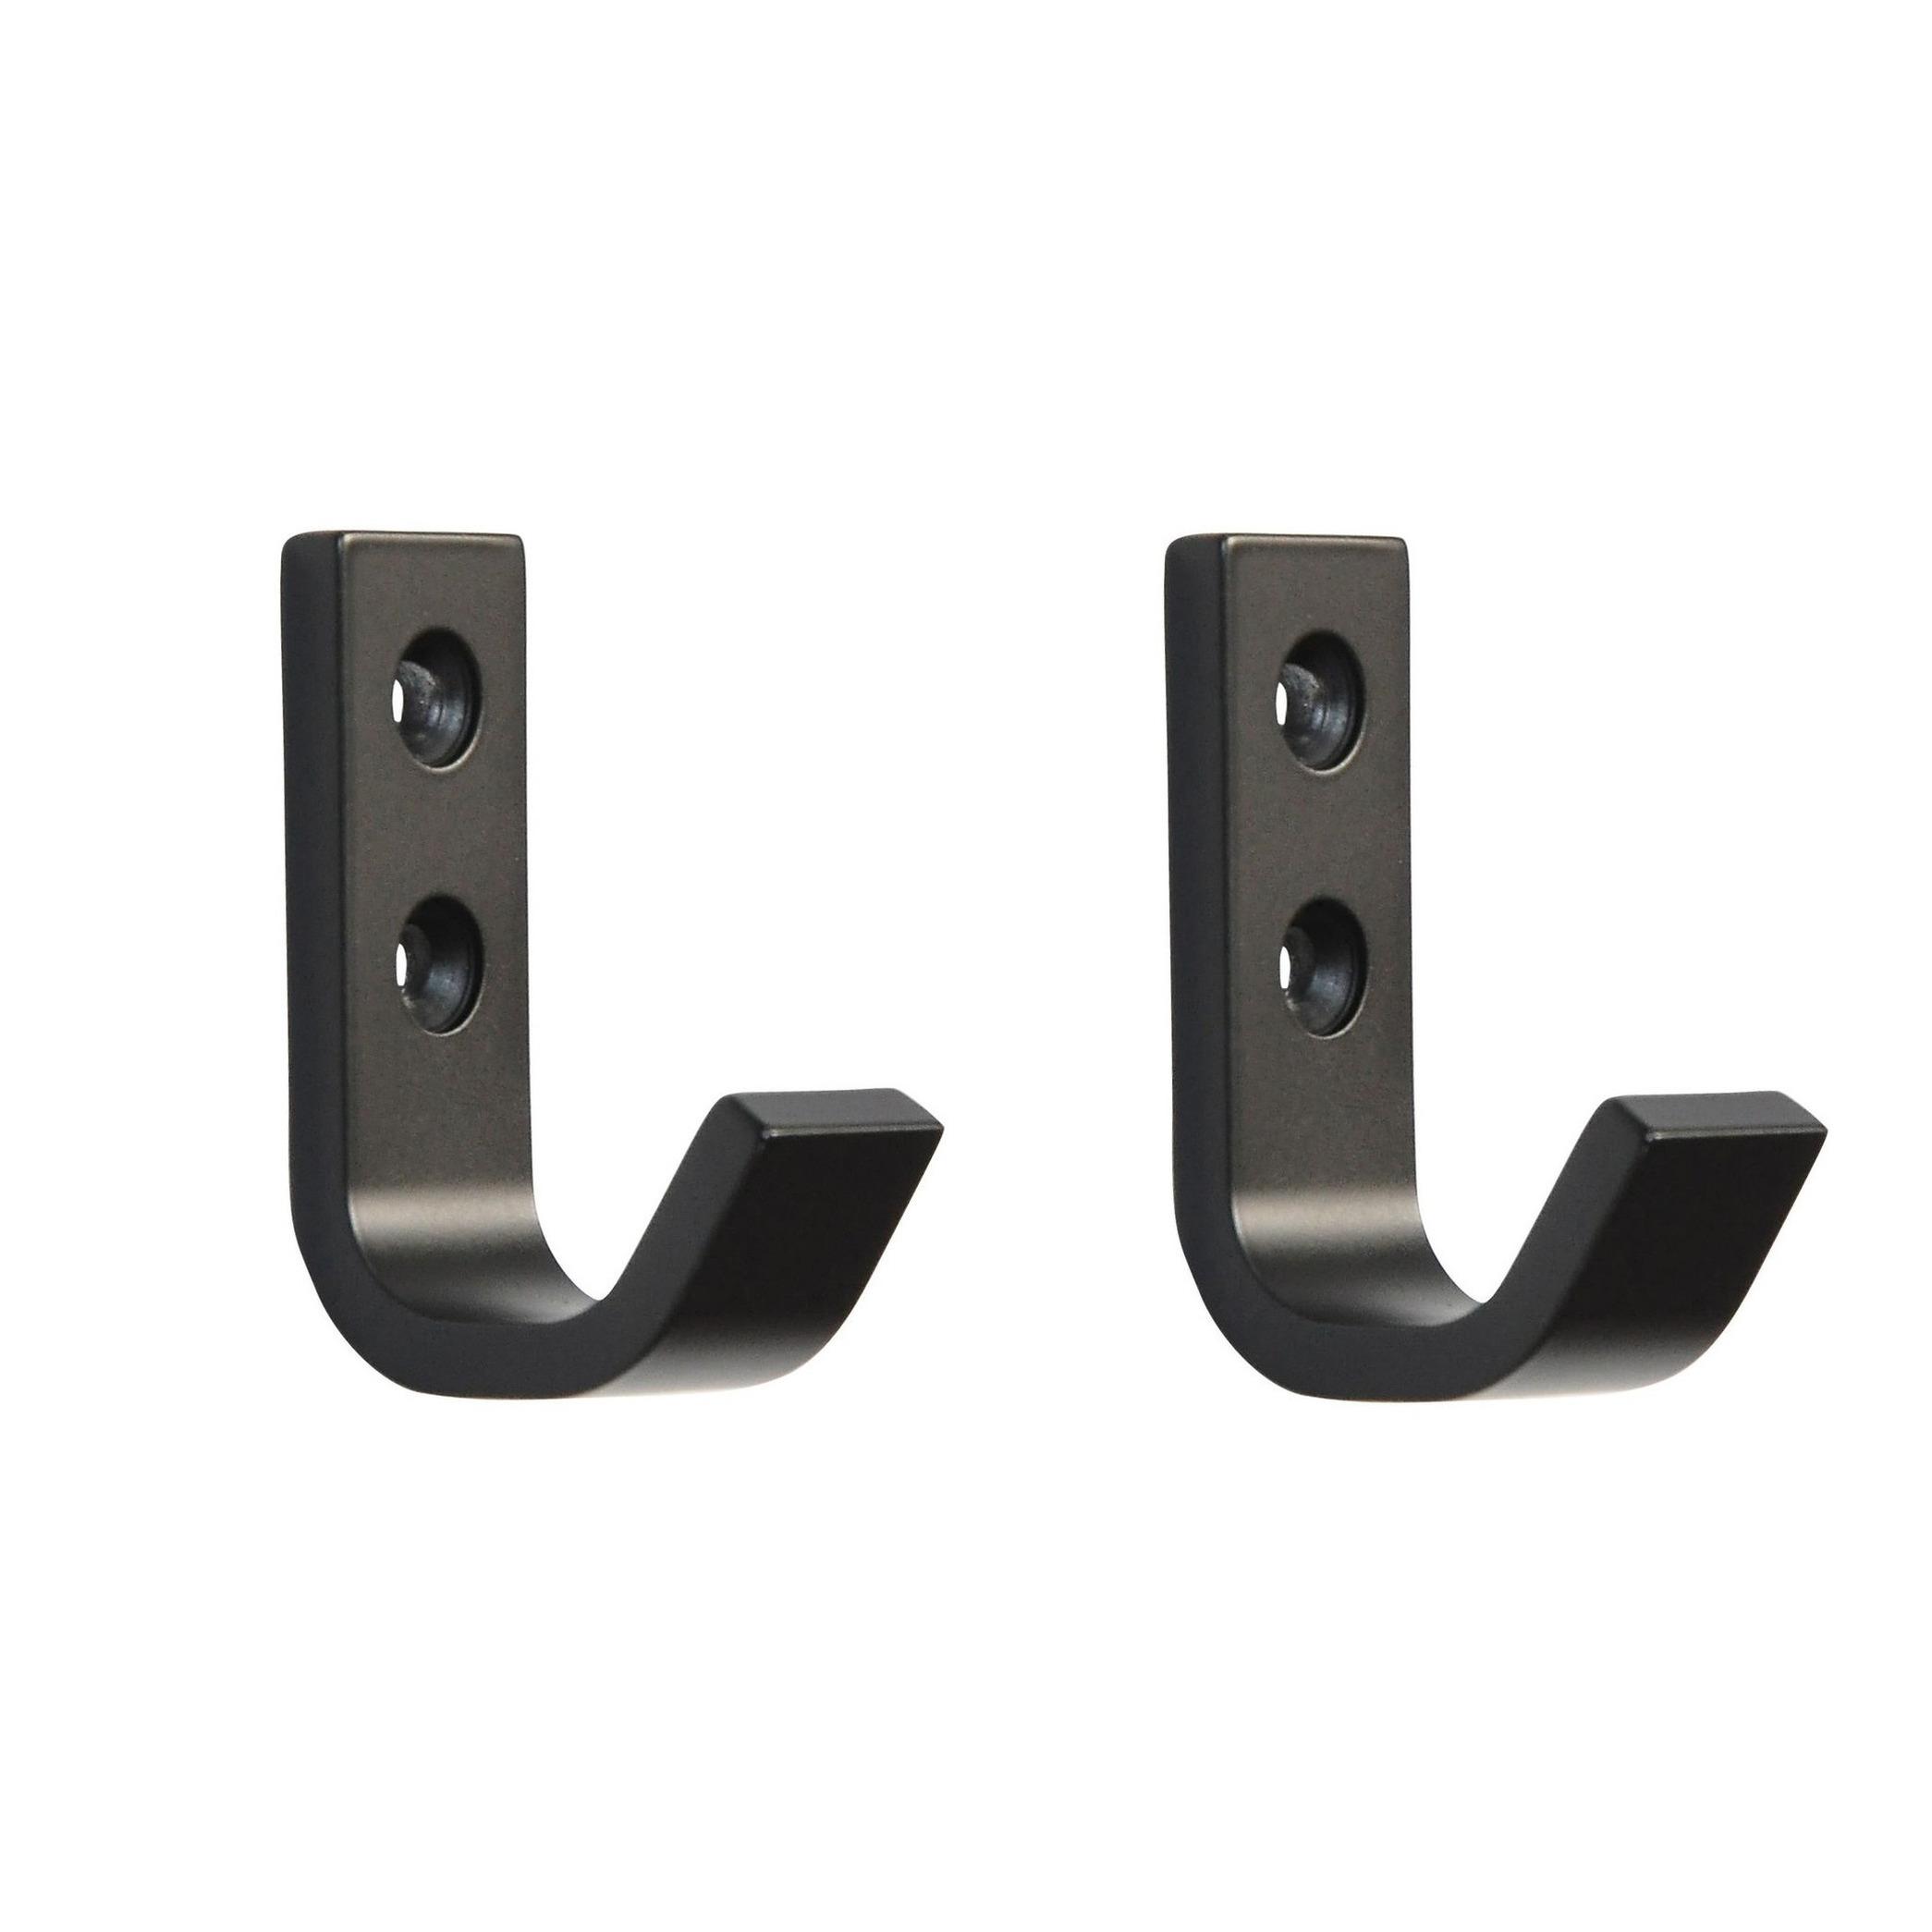 2x Luxe kapstokhaken-jashaken-kapstokhaakjes zwart hoogwaardig aluminium 5,4 x 3,7 cm